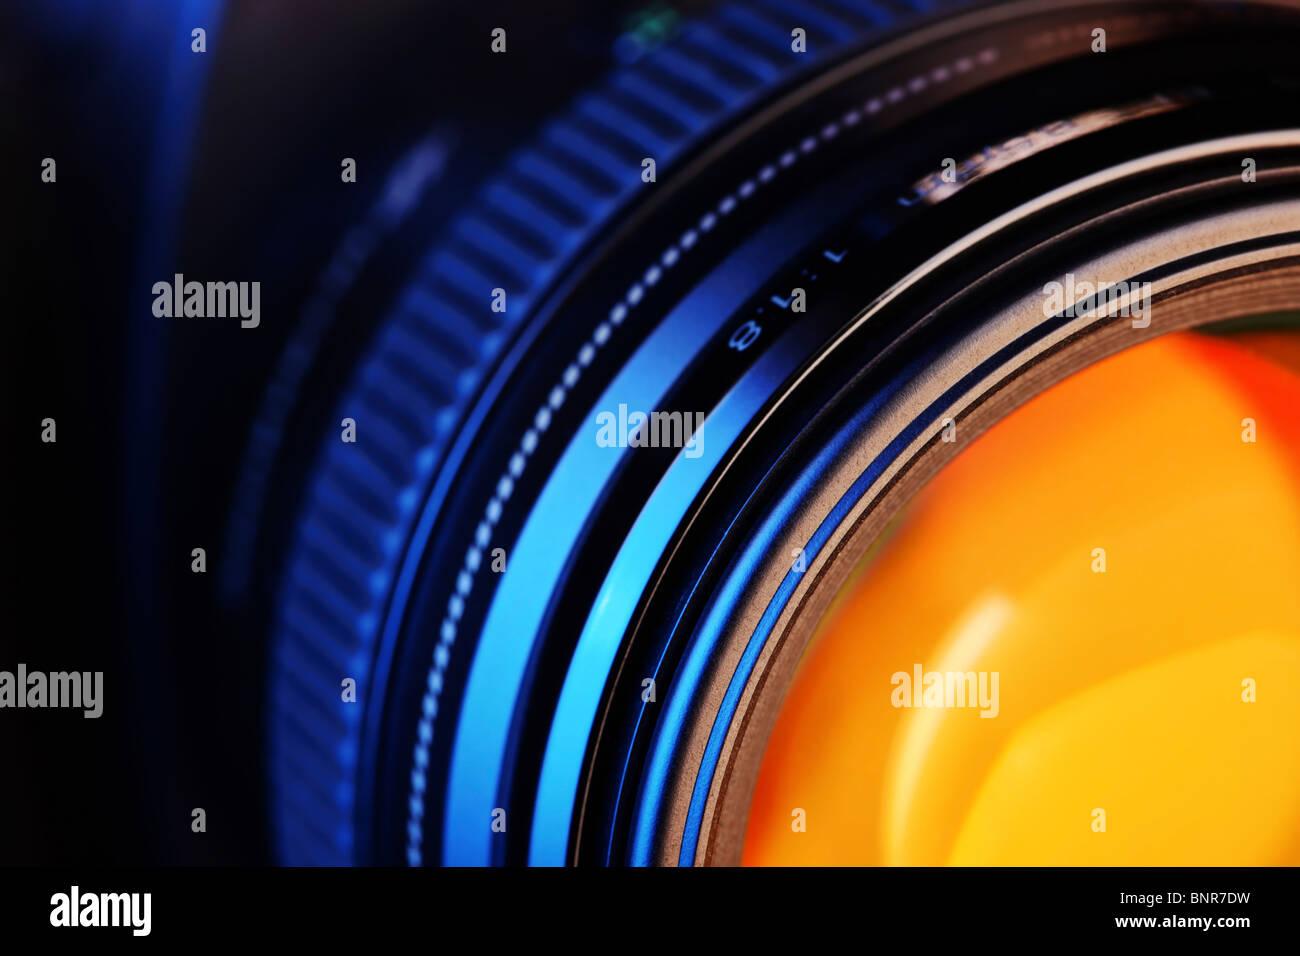 Nahaufnahme von einer Kamera-Objektiv an einer modernen Digitalkamera Stockbild